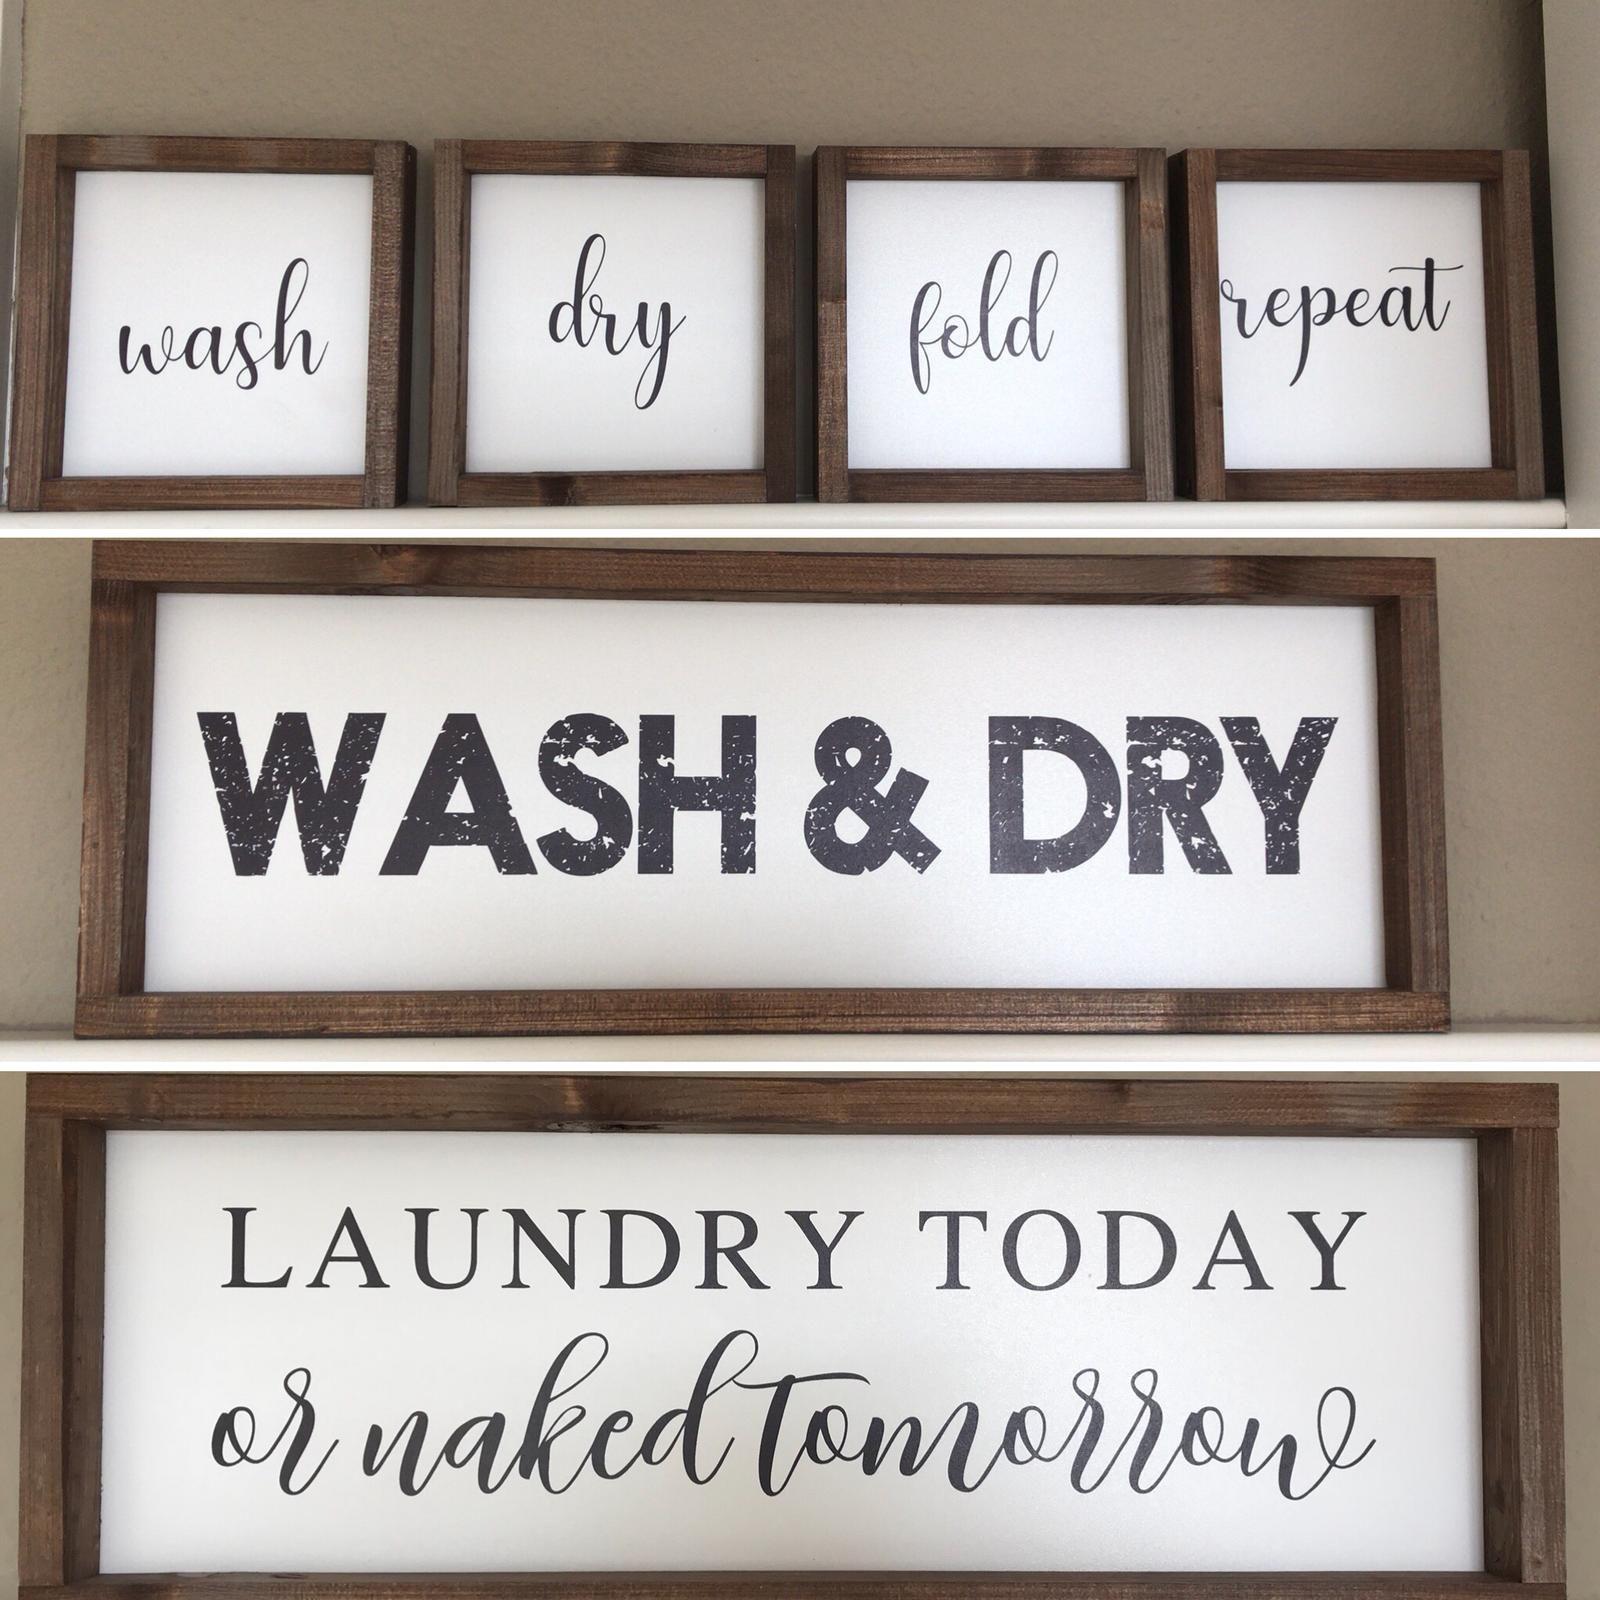 Holzschild Waschkuche Laundry Room Holzschilder Waschkuche Handtuchhalter